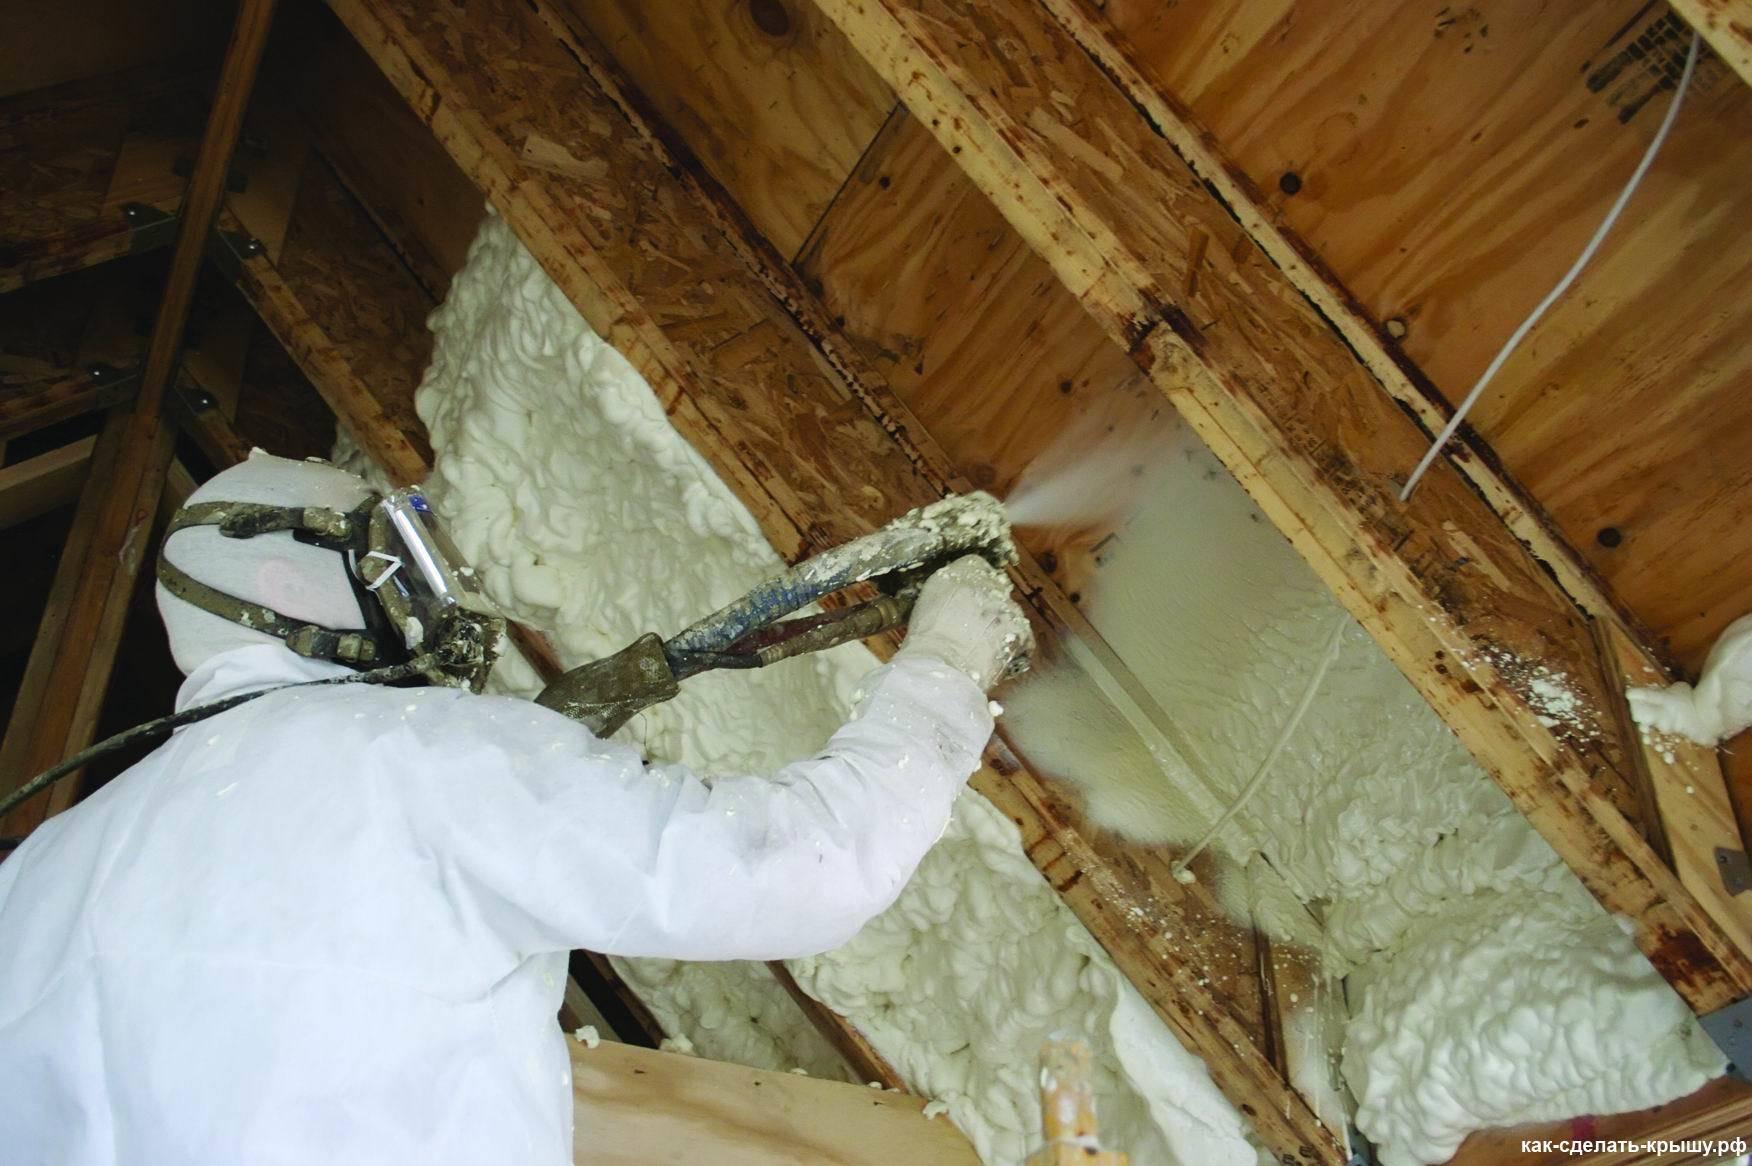 Средства защиты при утеплении стен монтажной пеной